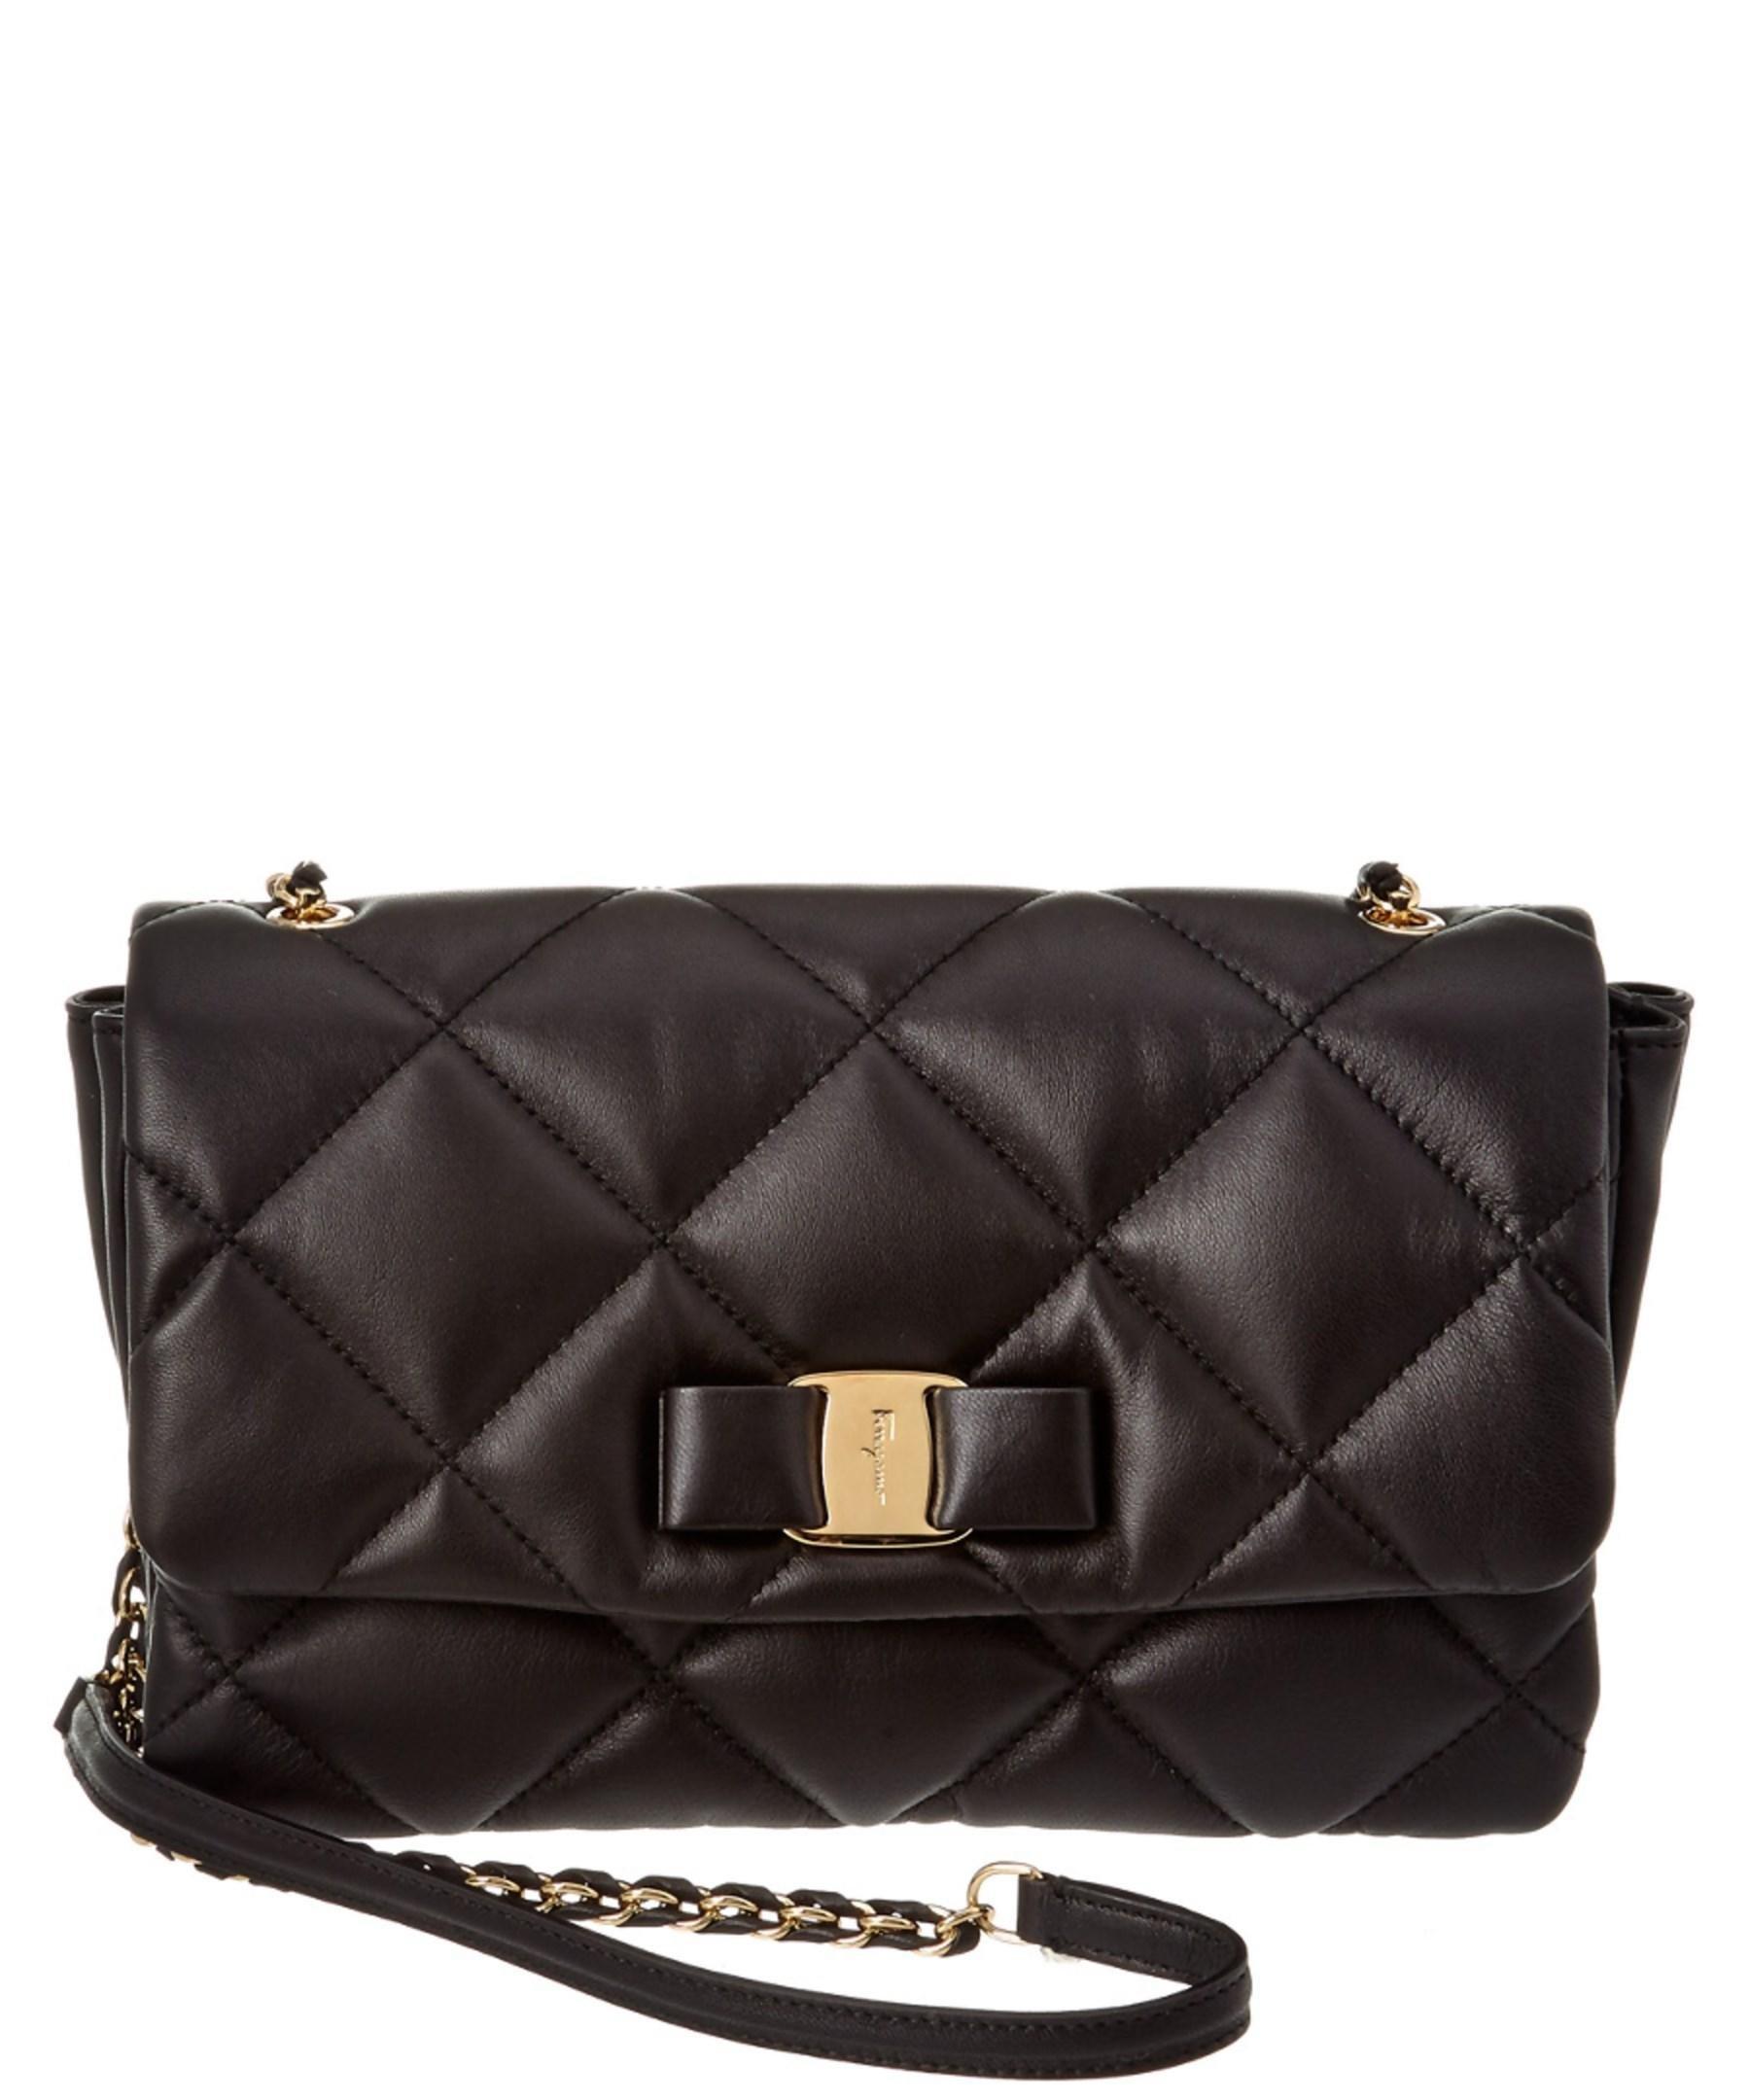 Lyst - Ferragamo Gelly Medium Quilted Vara Leather Shoulder Bag in Black 68c02c55ba79f